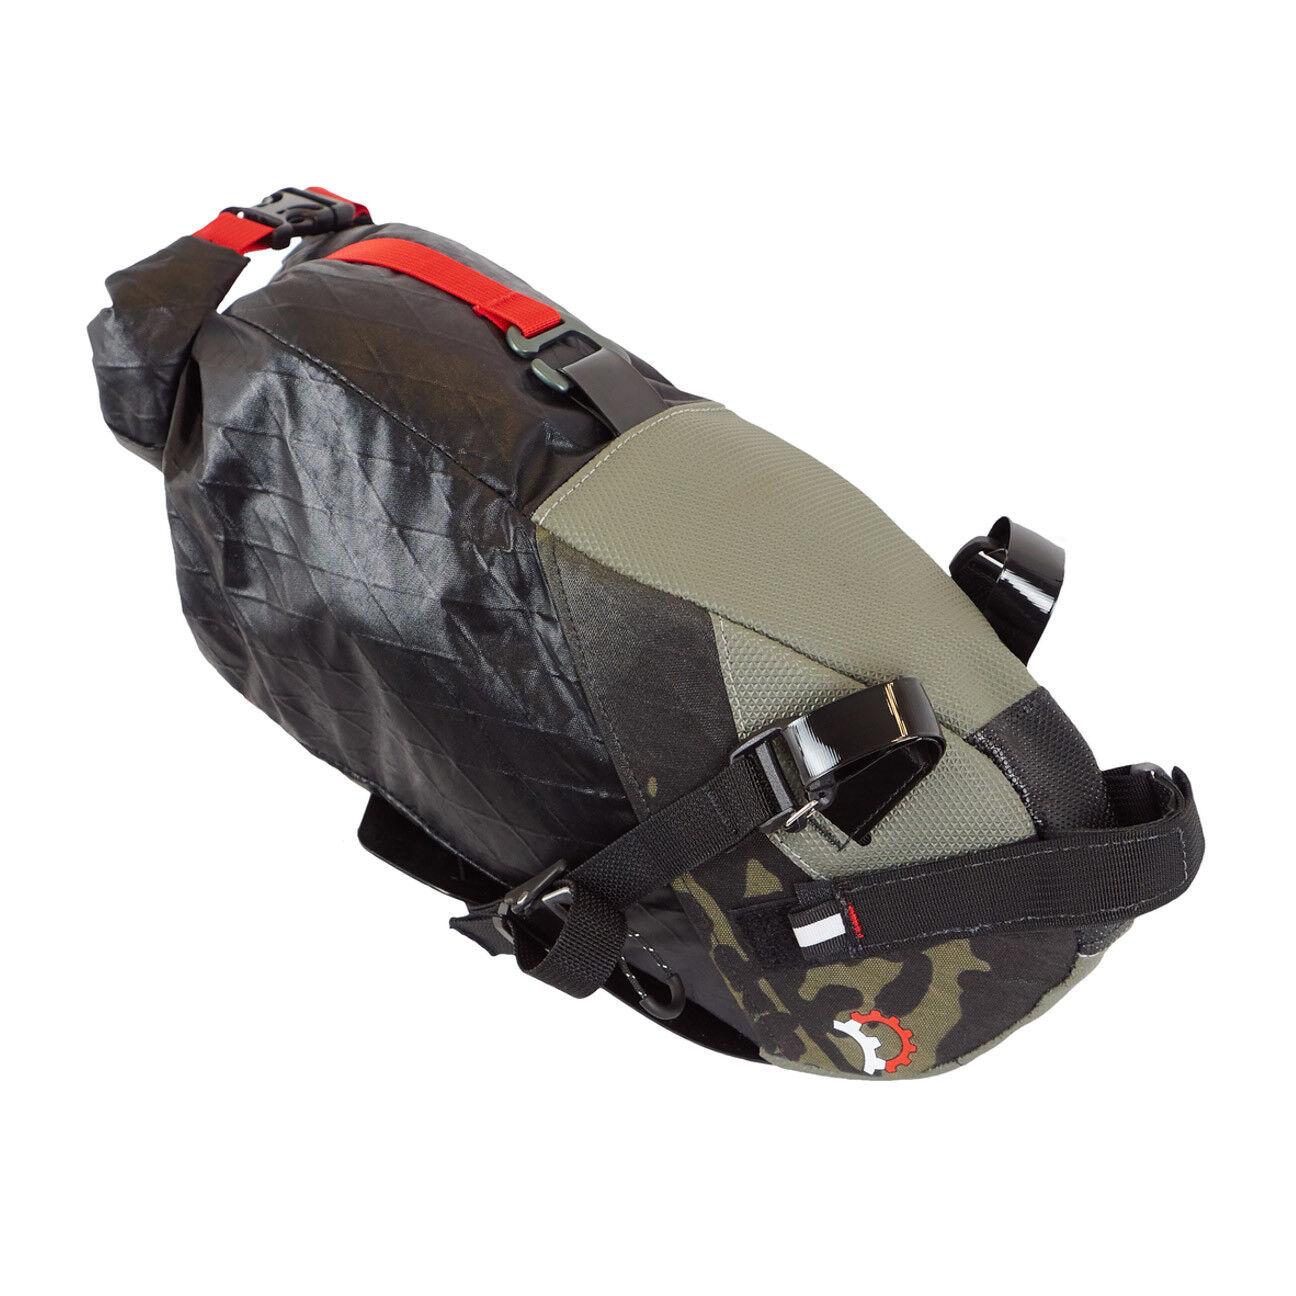 Revelate Designs GABBlANlt Seat Pack bisaccia incl. Valais morsetto nero CAMO